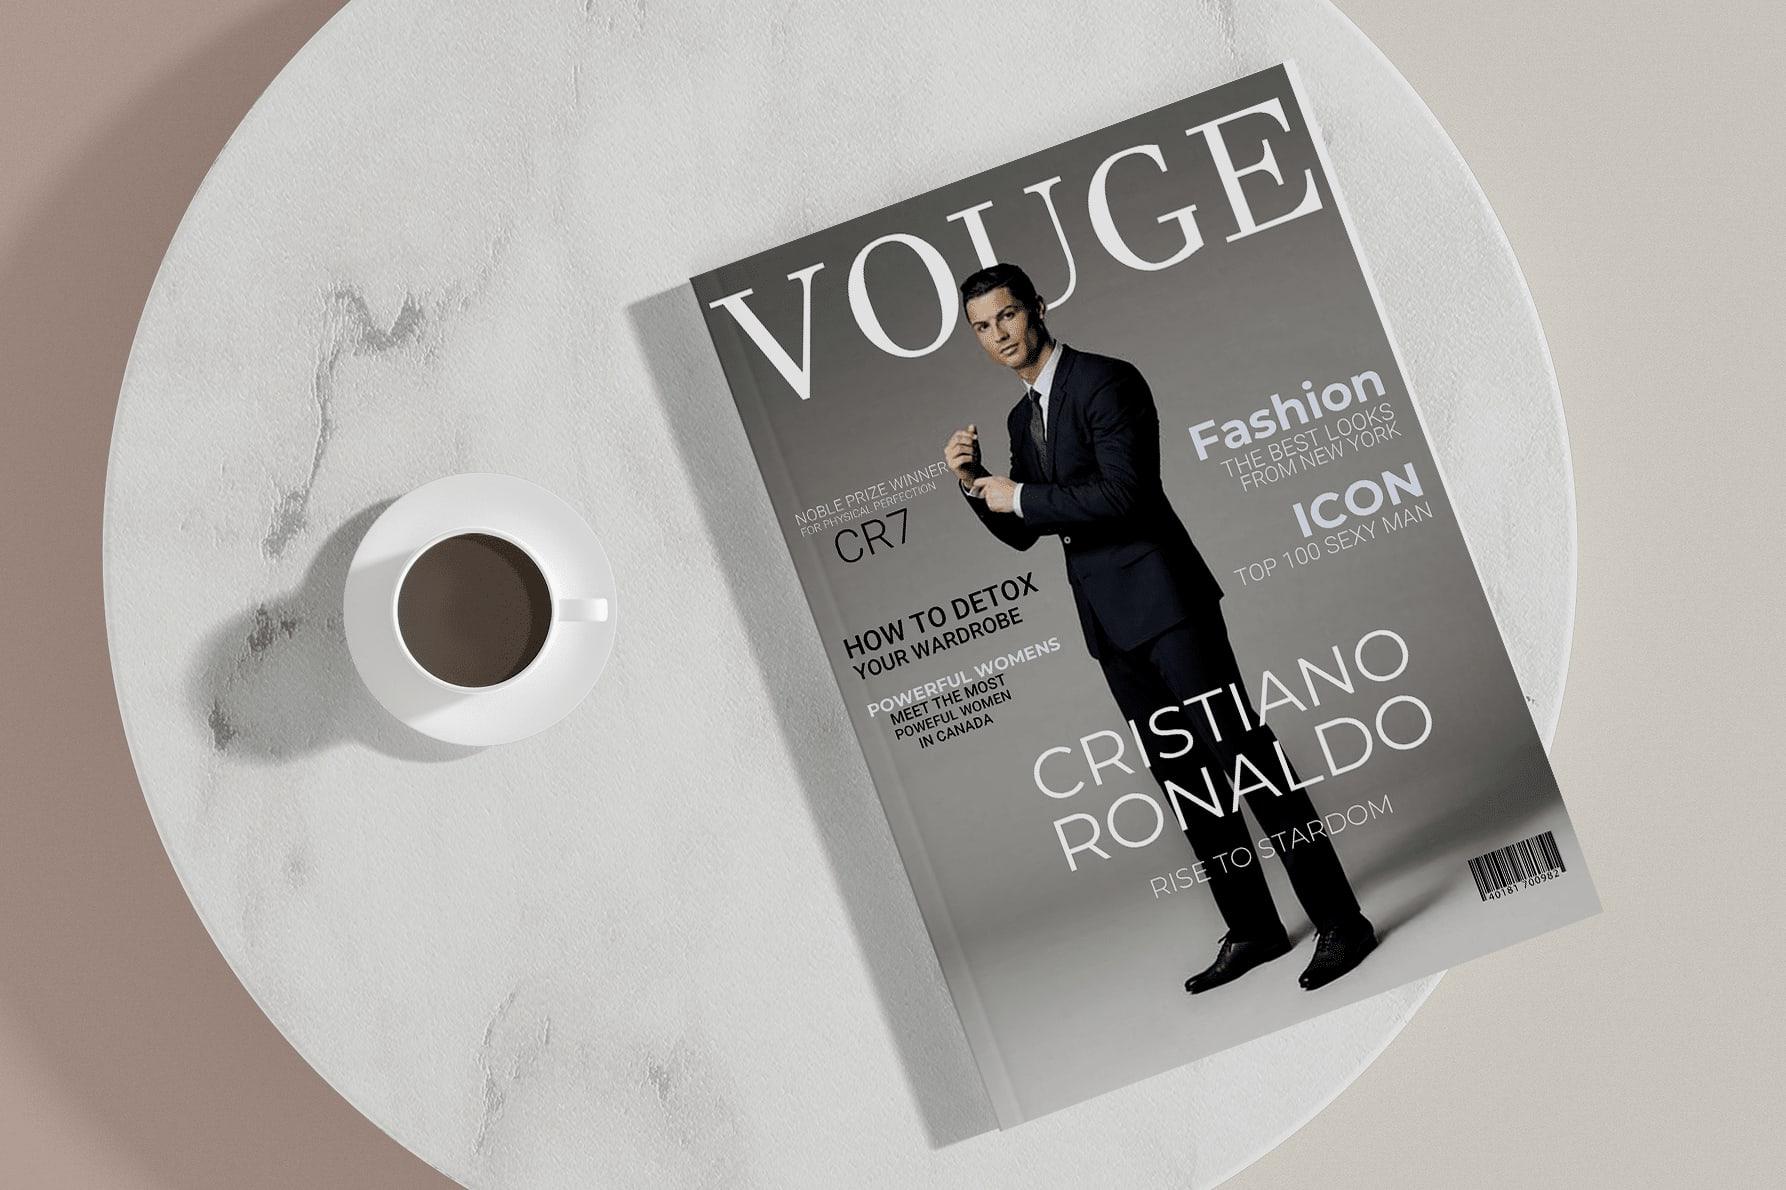 Portfolio for Quality magazine cover design.